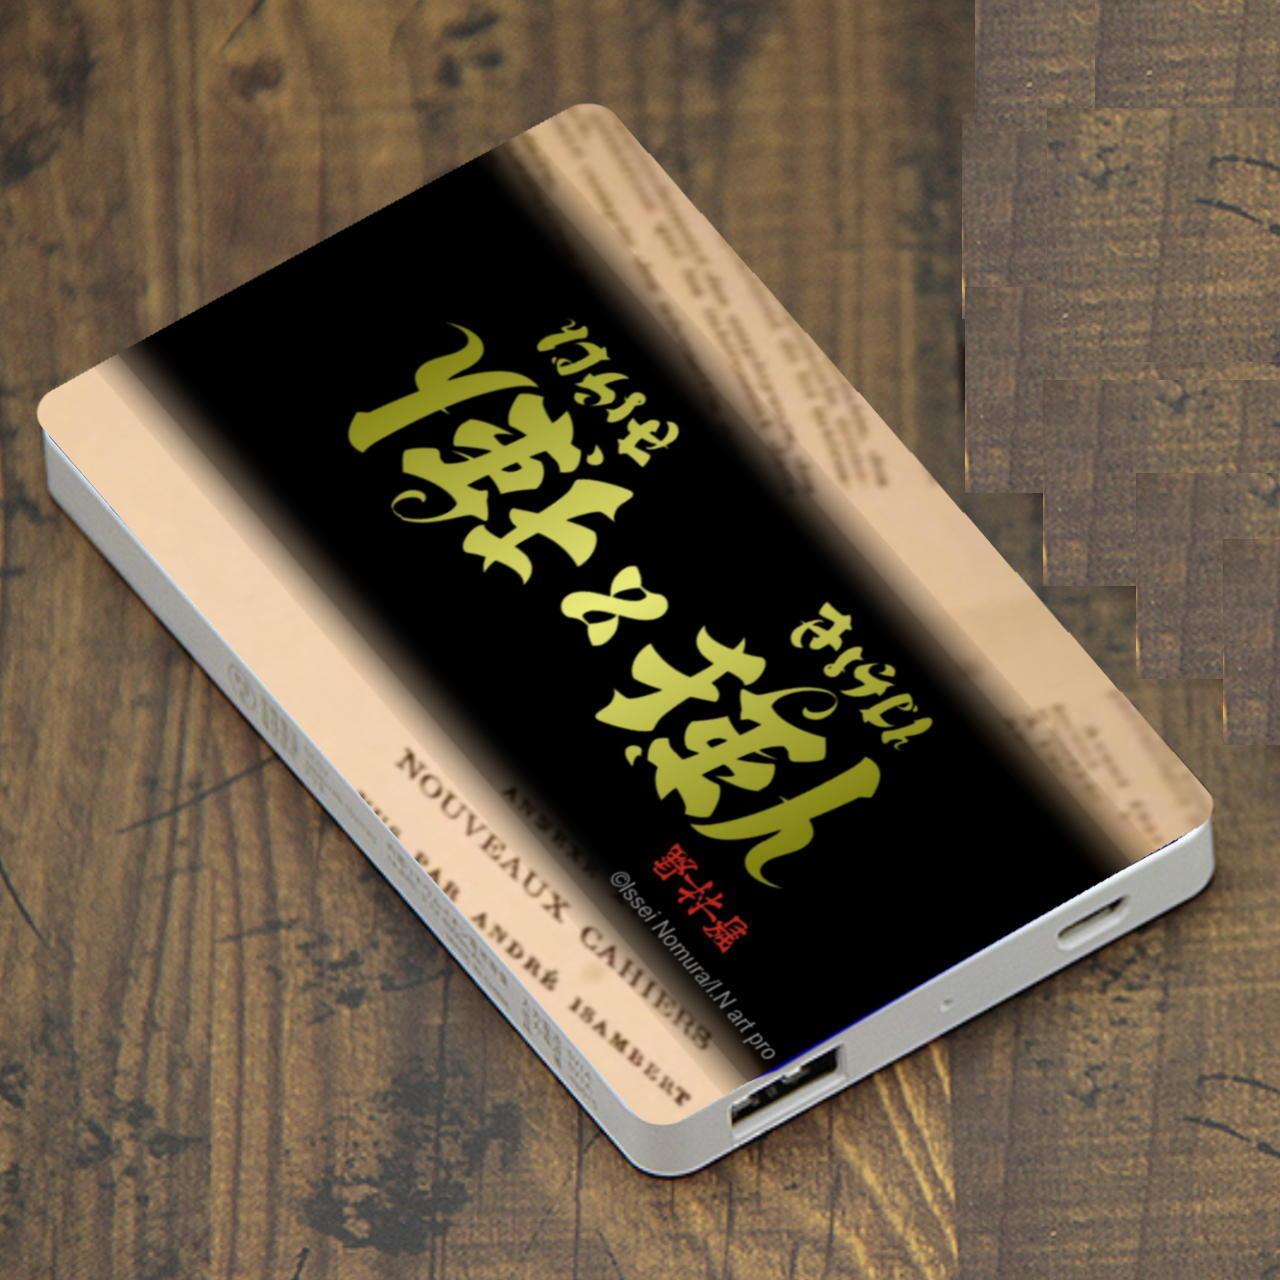 「博士⇔狂人」モバイルバッテリー